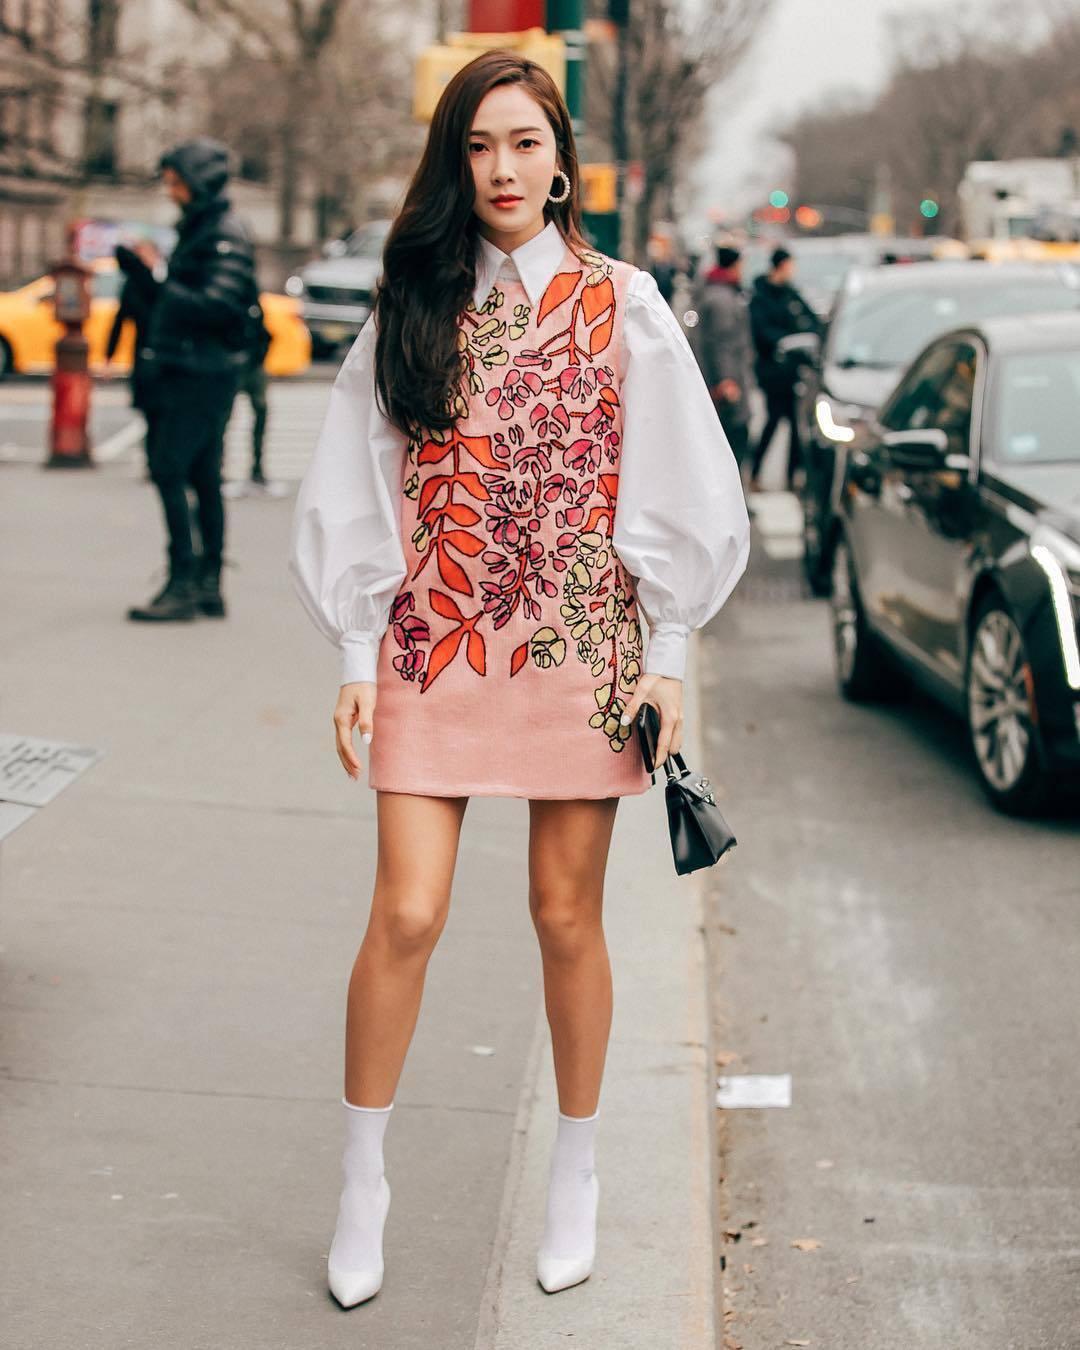 Jessica小白襪搭白色高跟鞋,超級Q。圖/摘自新浪微博